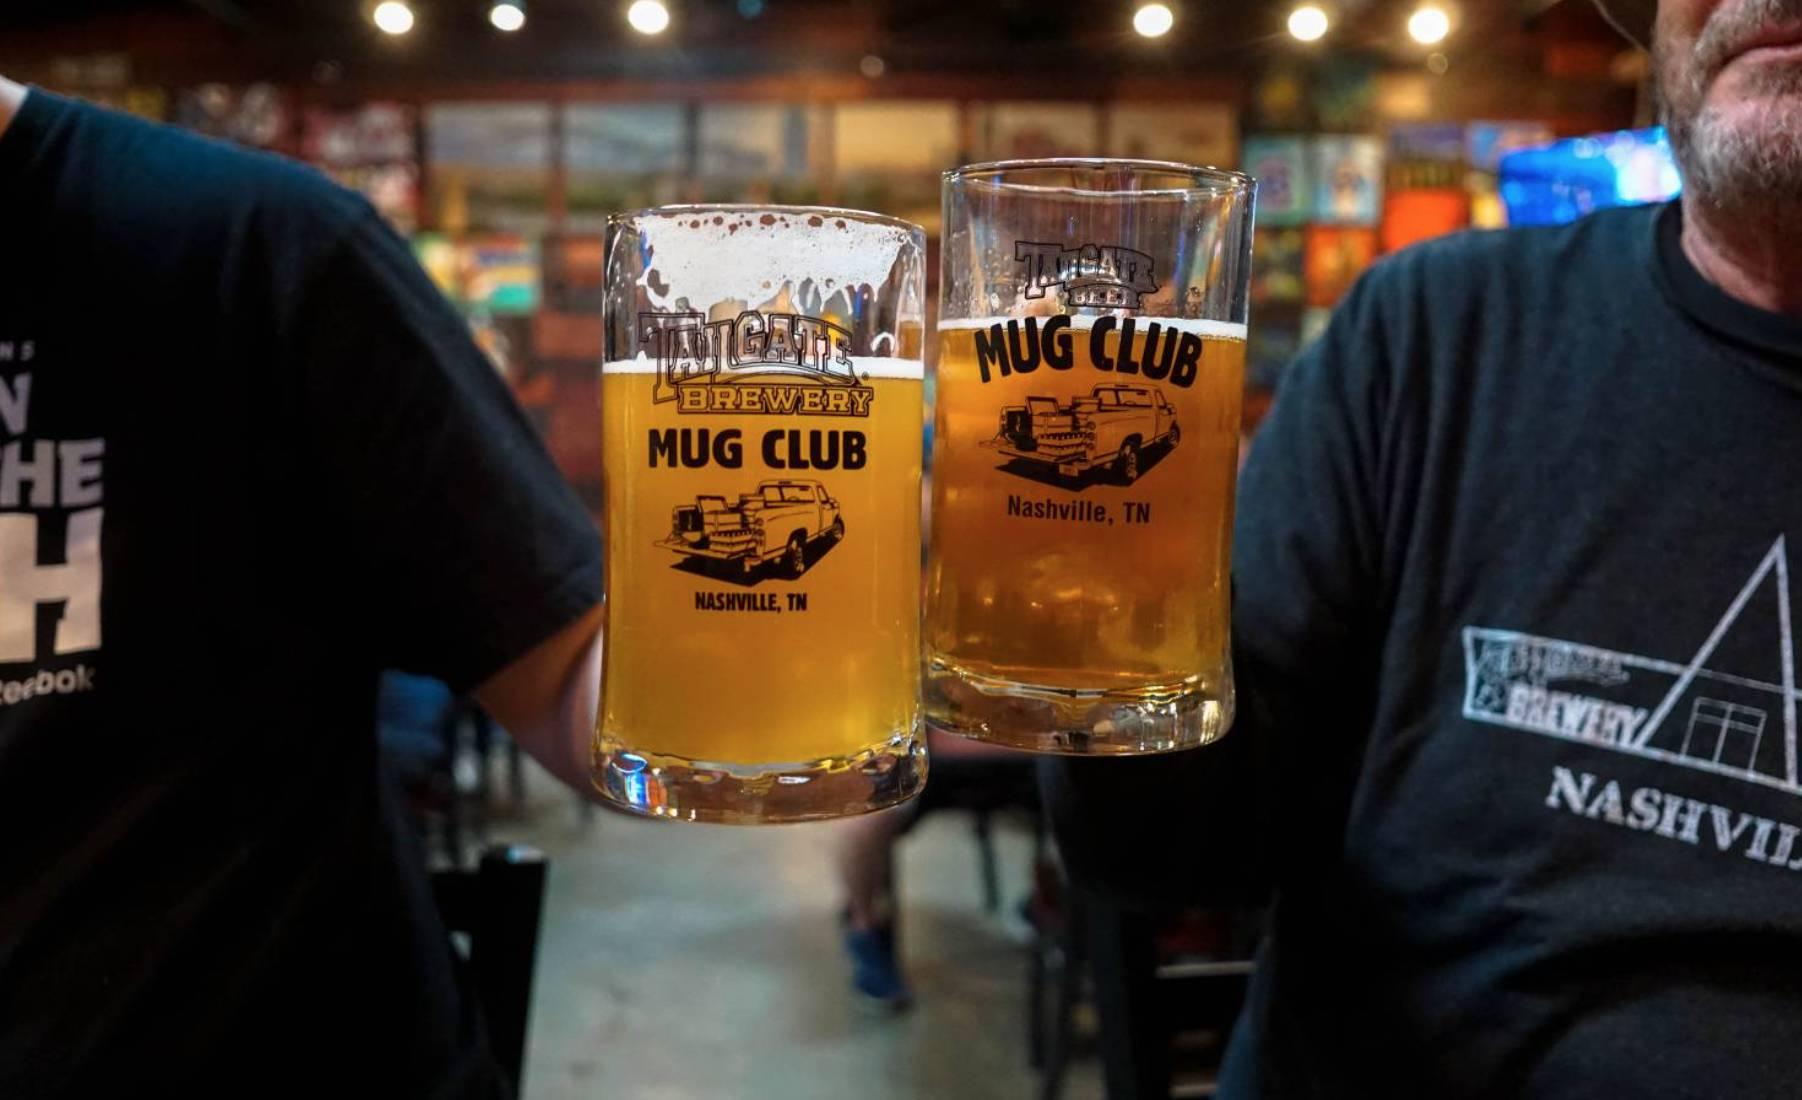 Mug Club Day 🍺